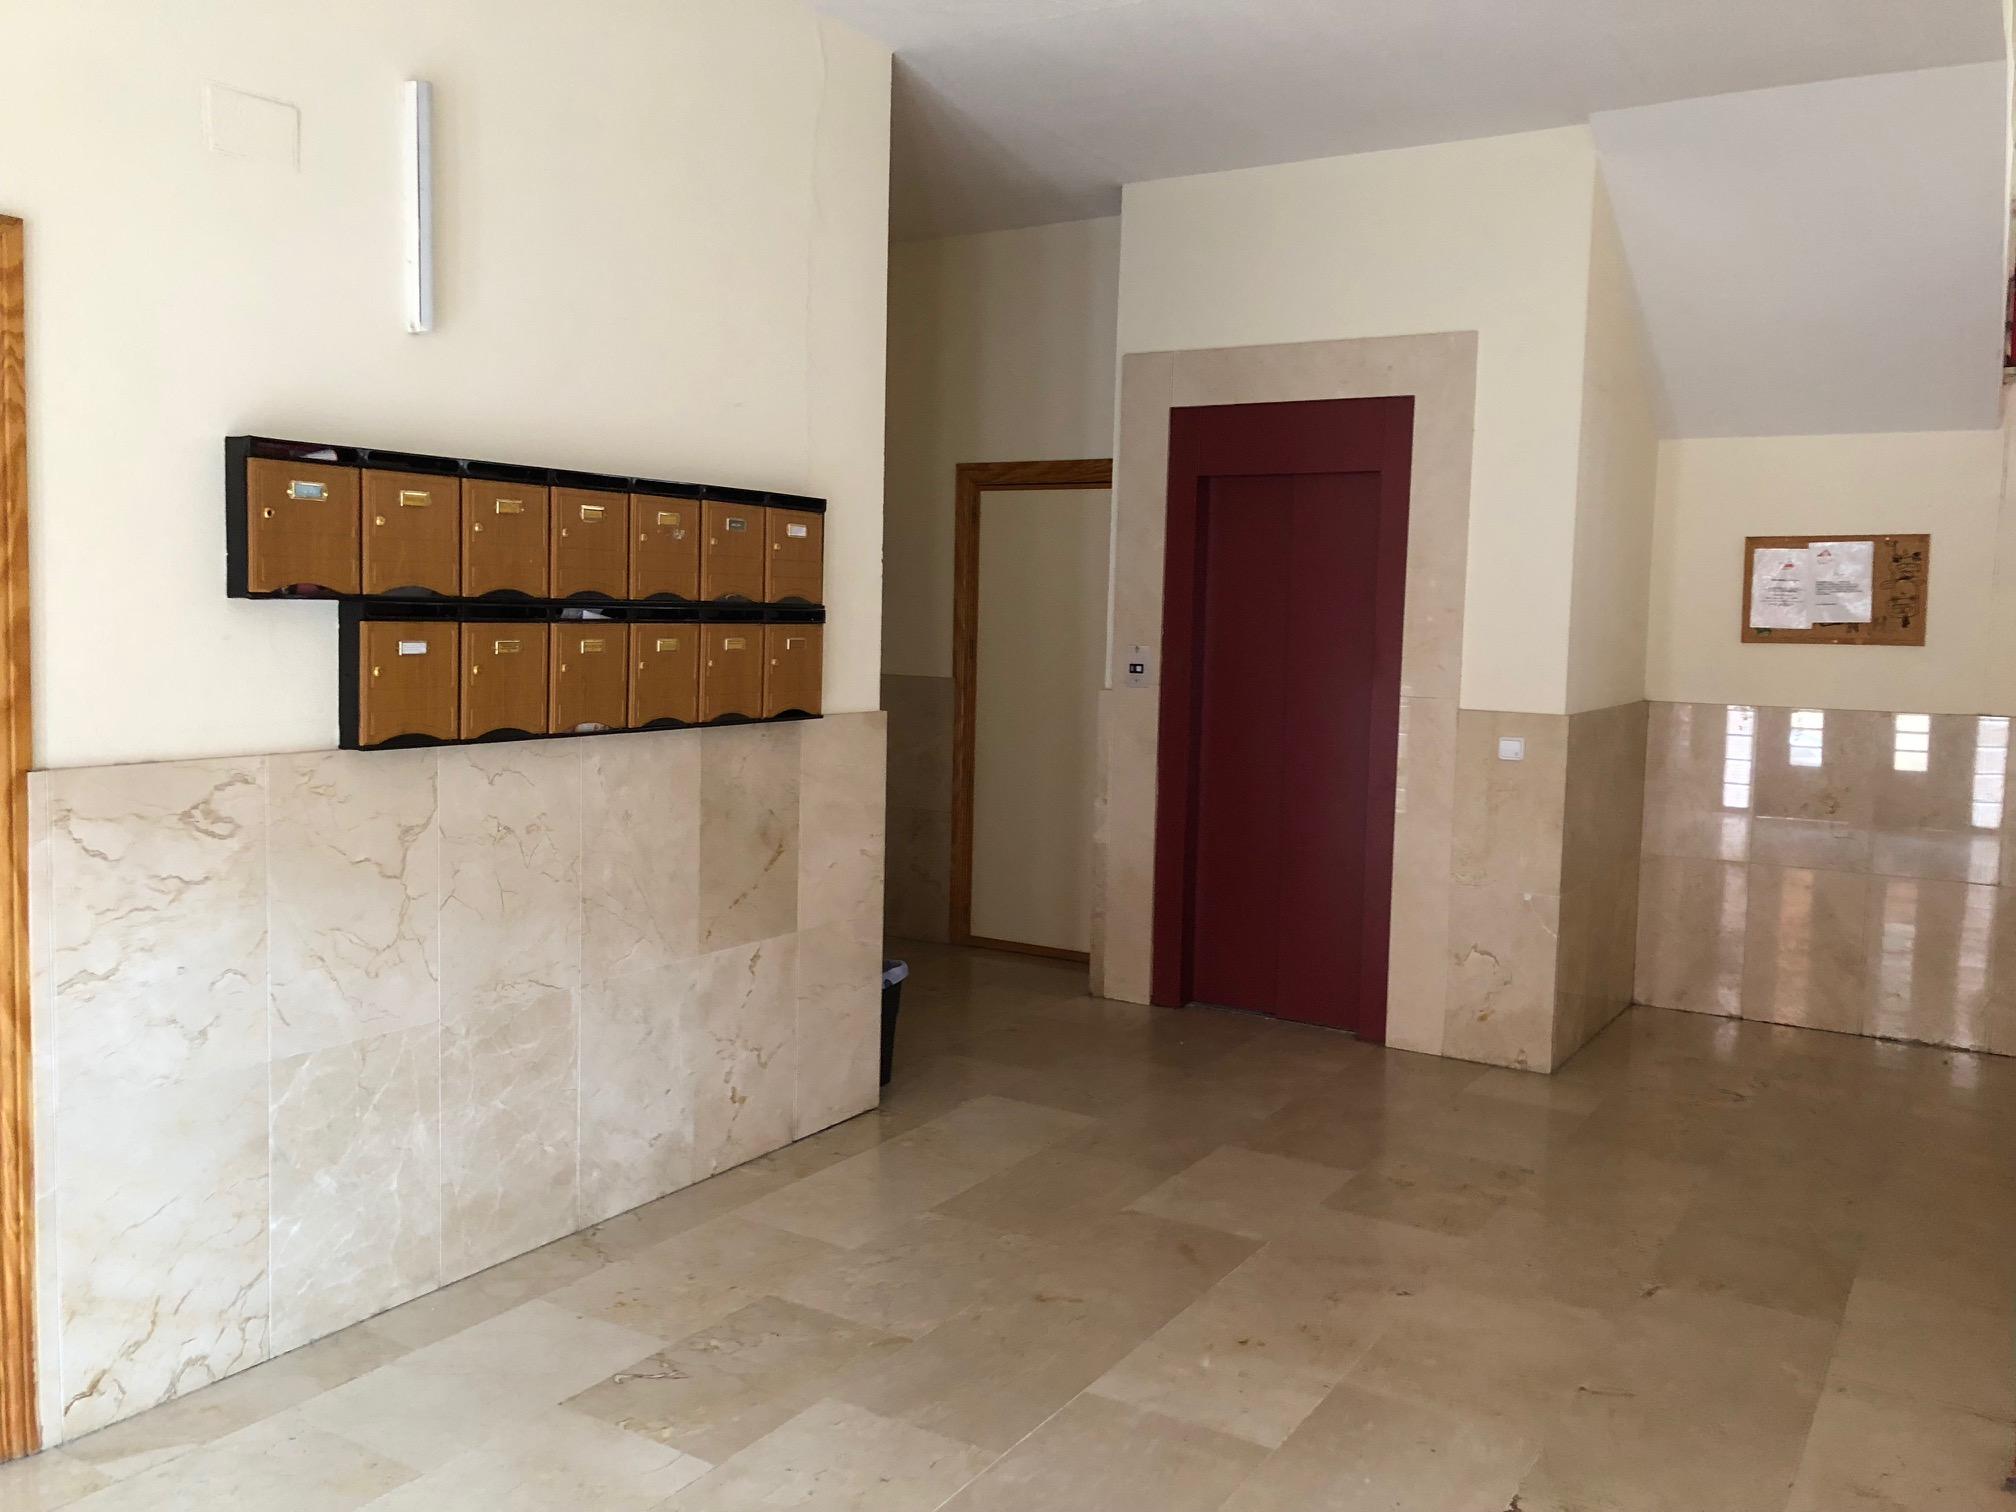 Piso en venta en Azuqueca de Henares, Guadalajara, Calle Aneto, 102.288 €, 3 habitaciones, 1 baño, 90 m2